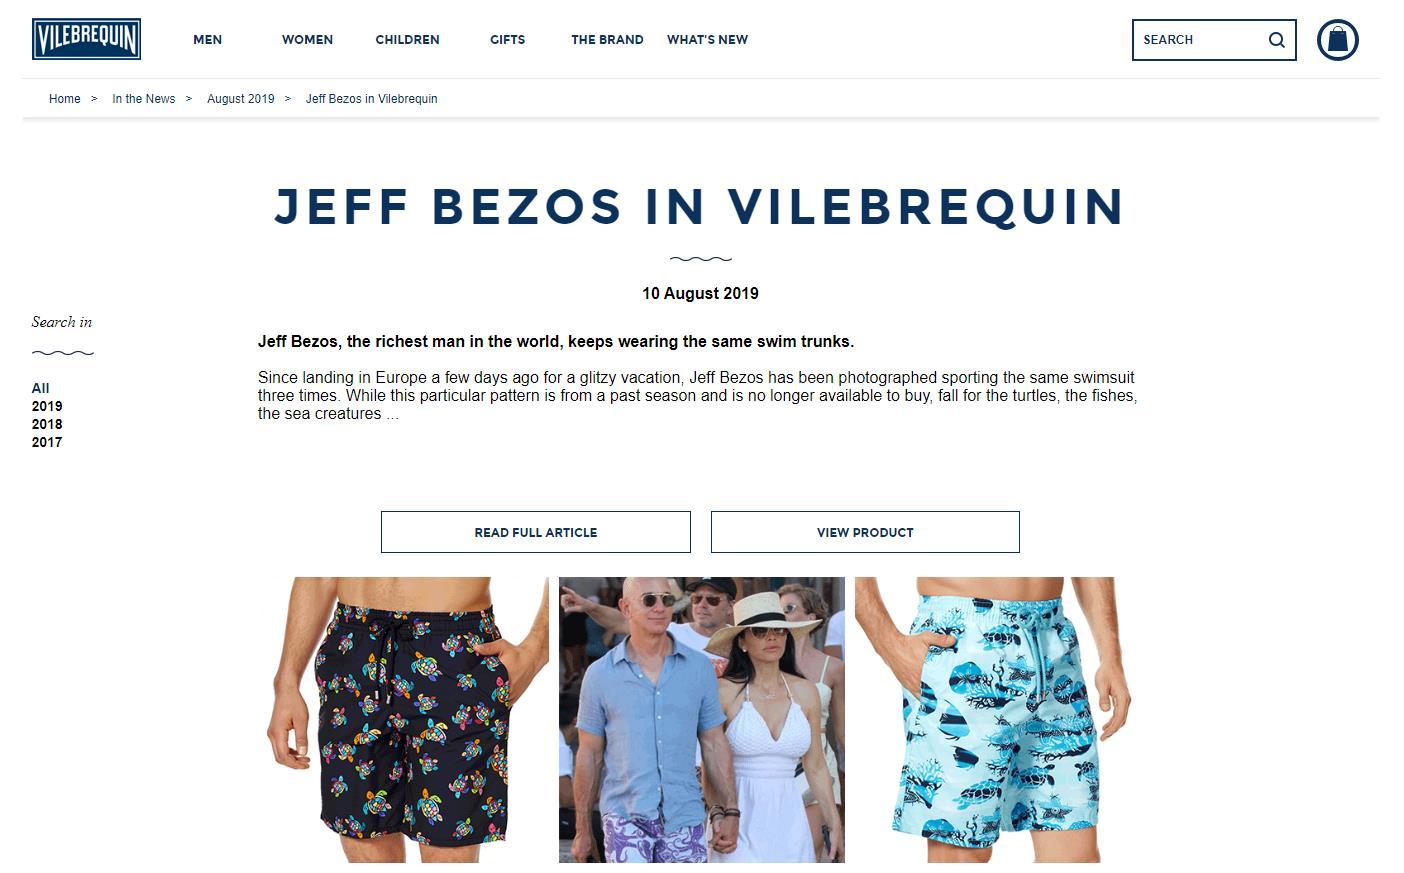 """新晋""""带货网红"""":亚马逊创始人贝索斯带火 Vilebrequin 品牌的章鱼短裤"""